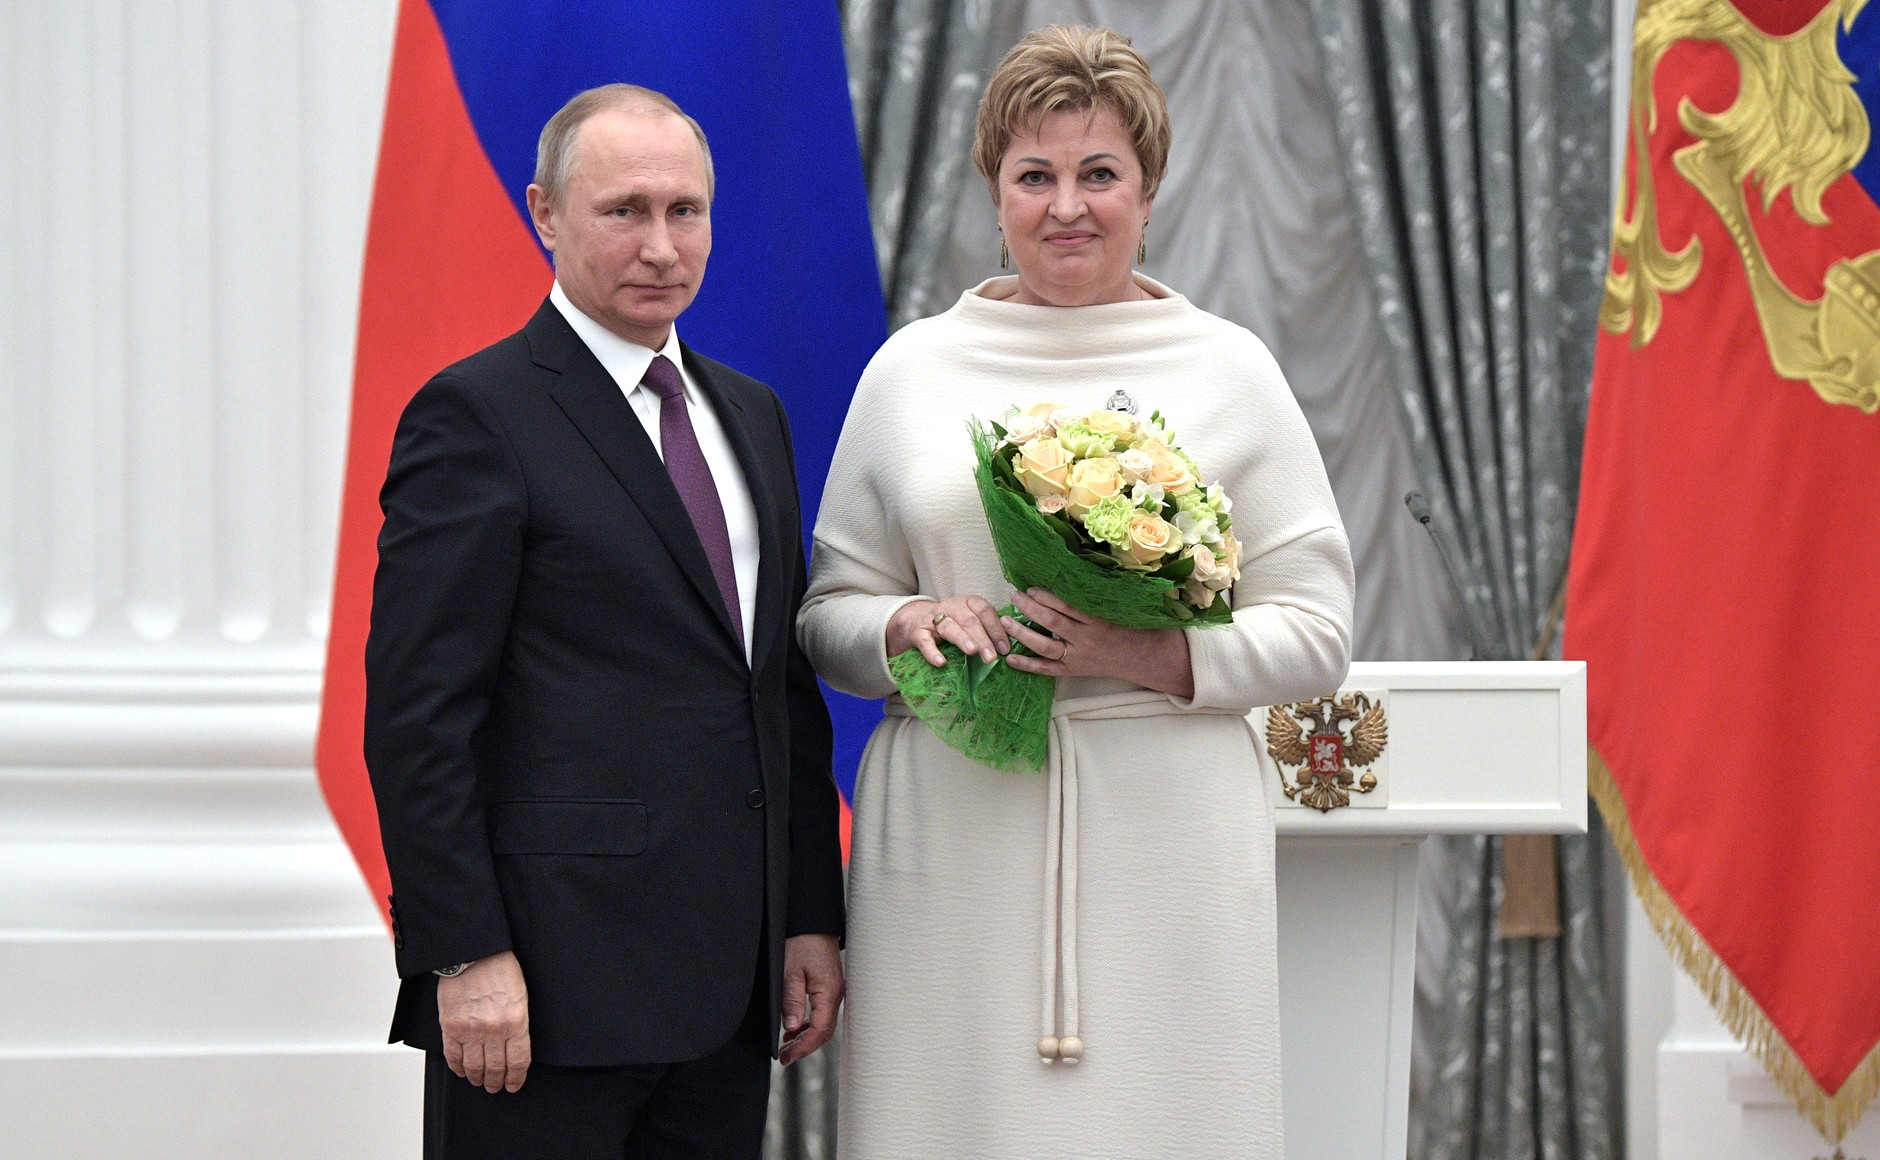 Всего орденами и почетными званиями были удостоены около тридцати выдающихся россиян, работающих